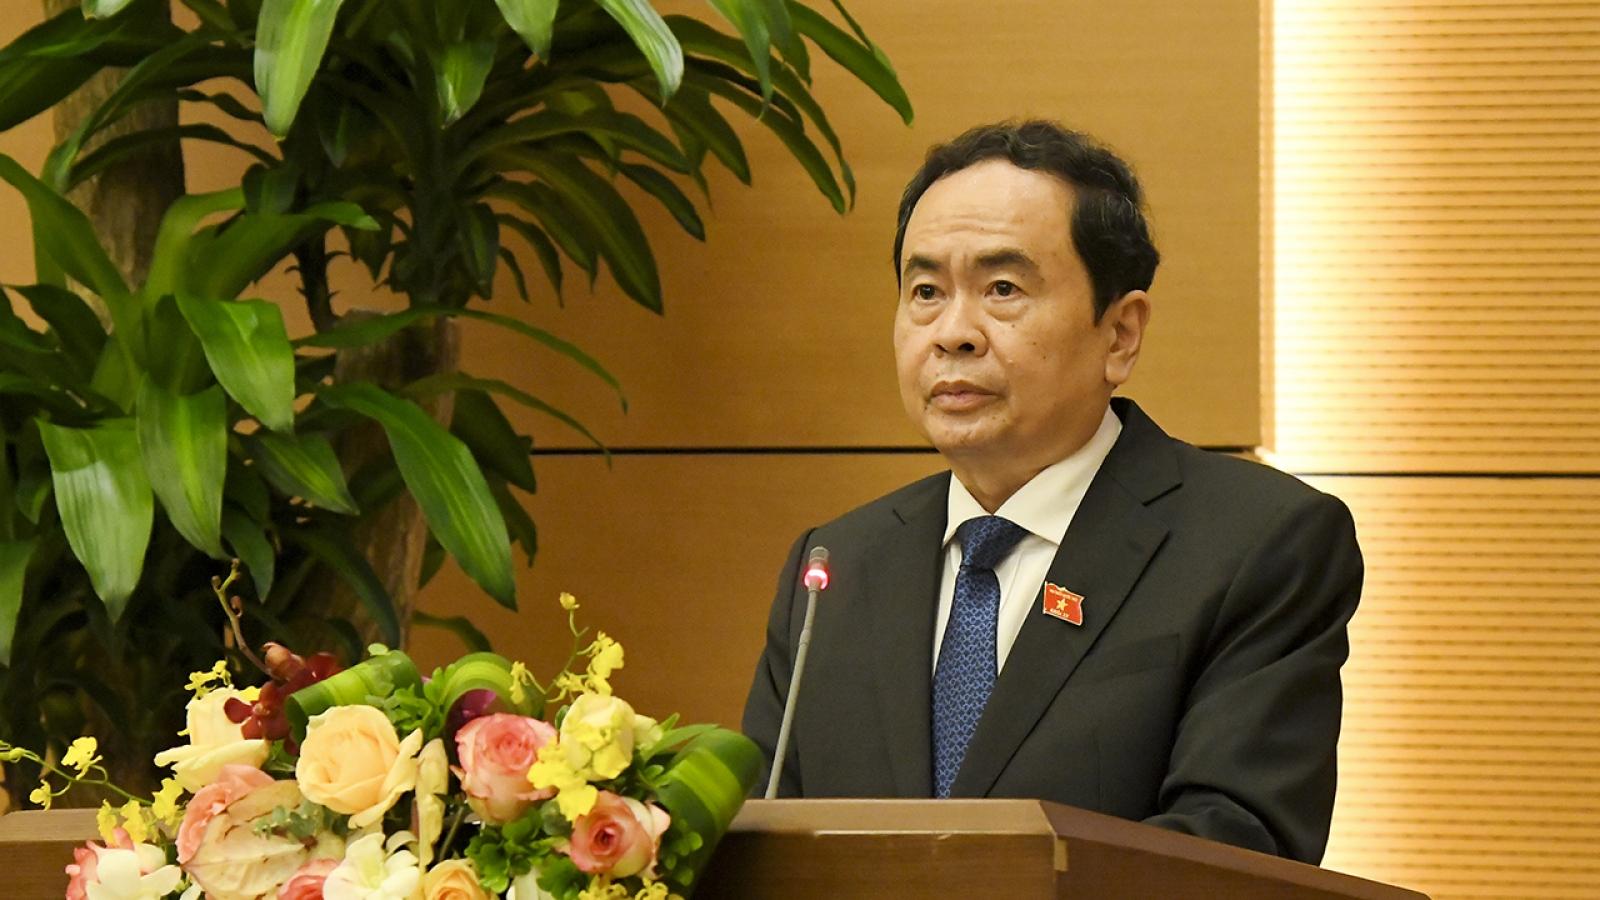 Ông Trần Thanh Mẫn chủ trì phiên họp Đổi mới hiệu quả kỳ họp Quốc hội